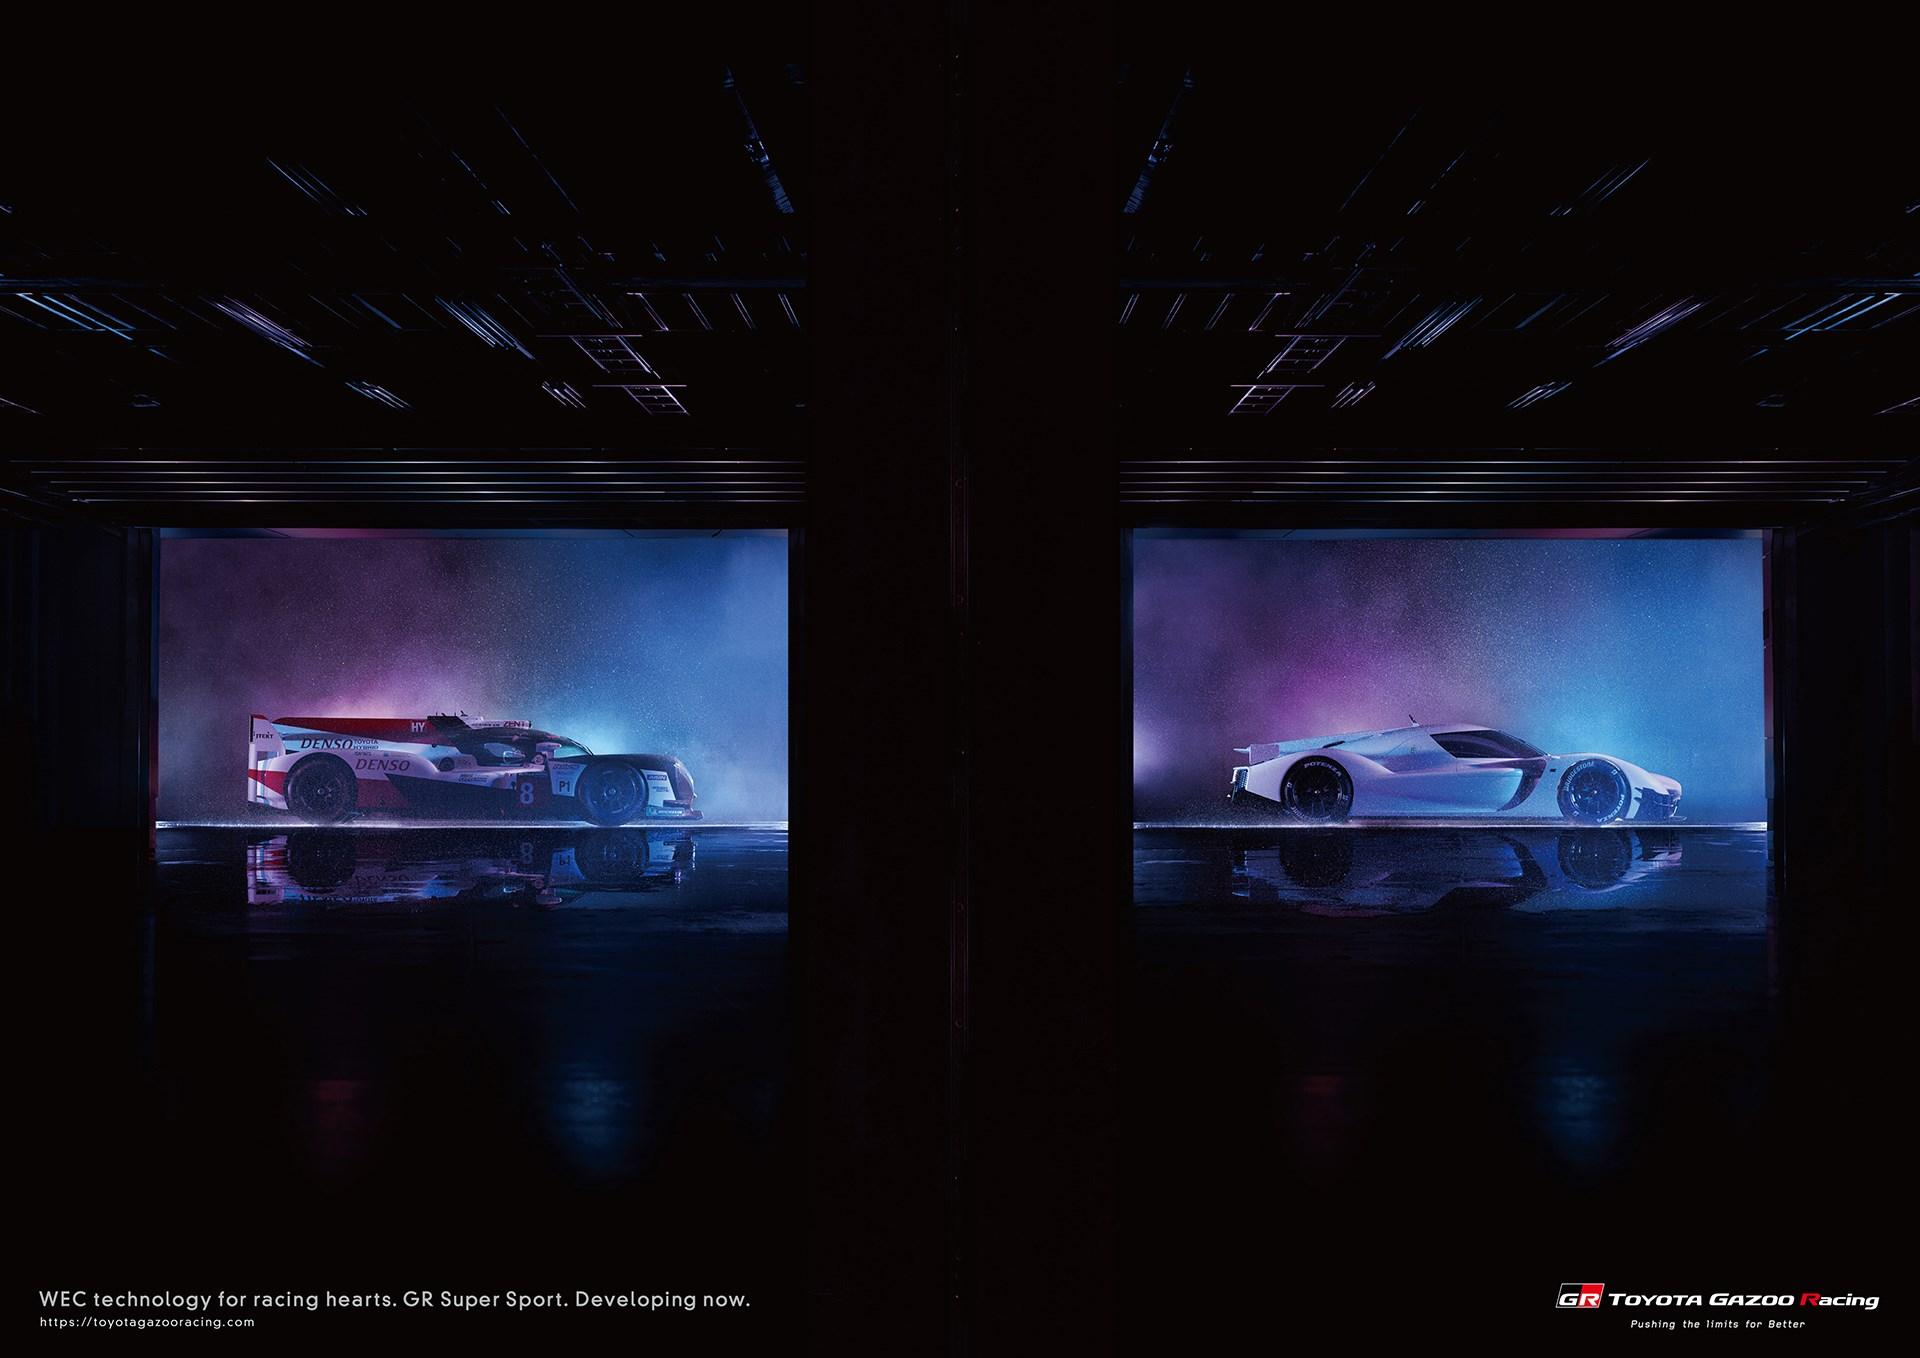 トヨタGRスーパースポーツコンセプト、市販化にGoサイン